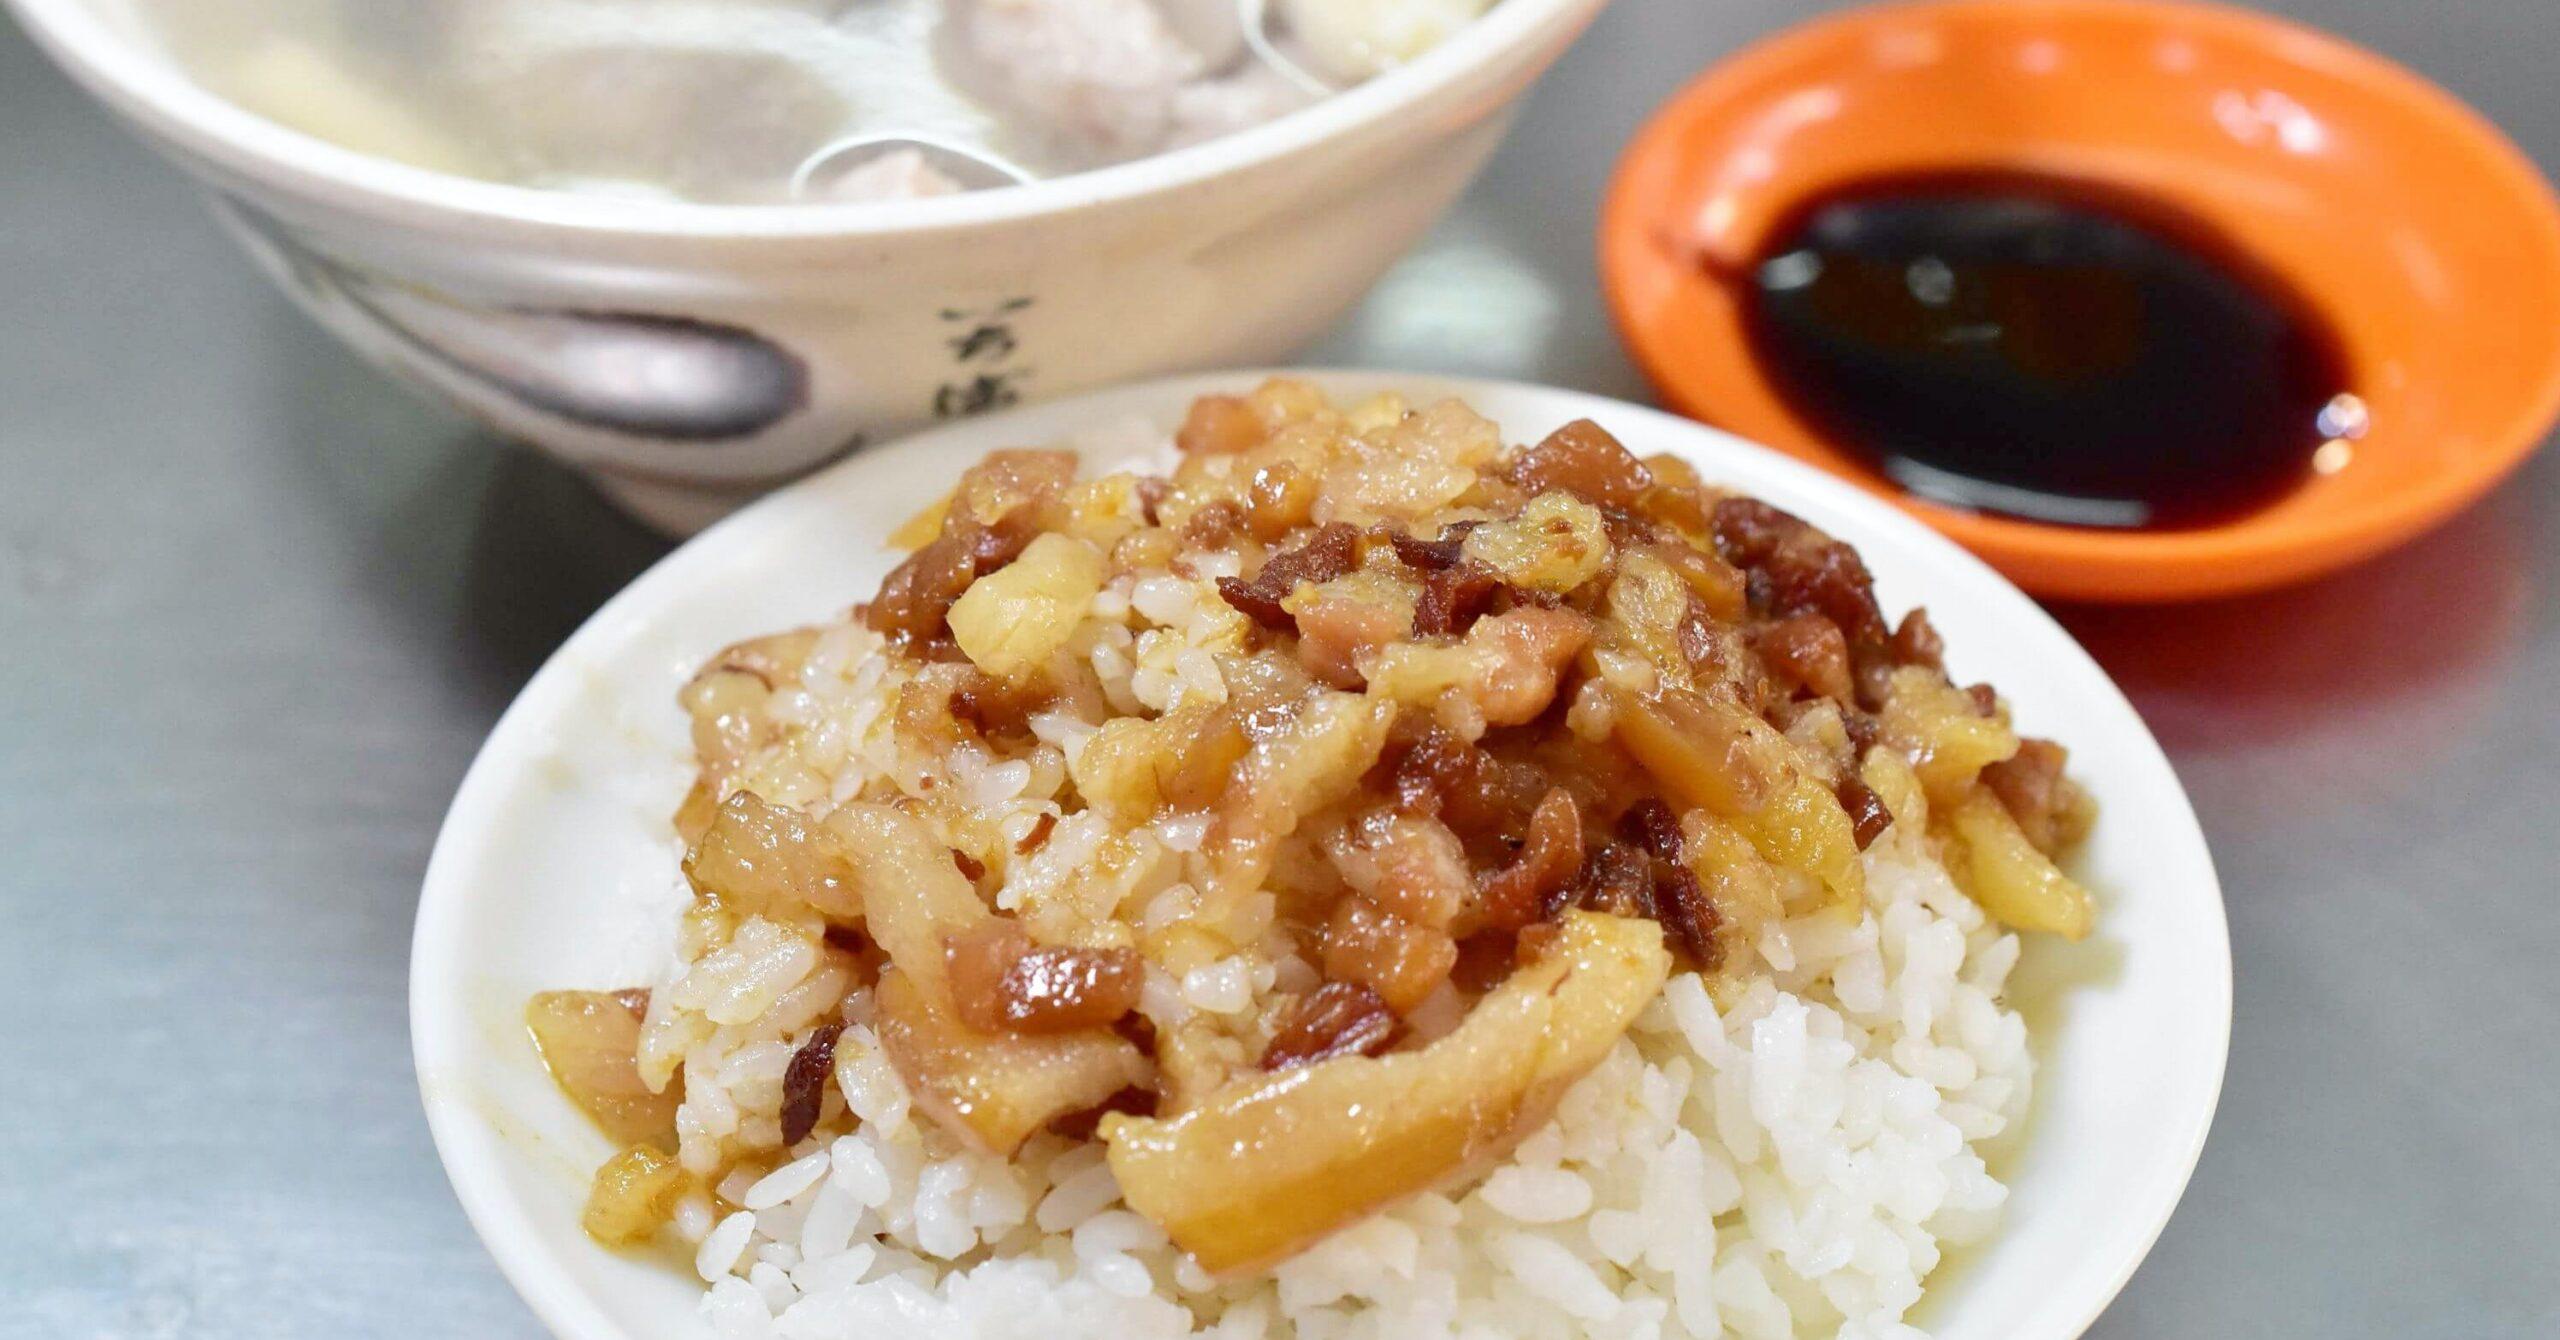 光復肉羹|基隆廟口美食-只賣白天! 在地基隆人大推的魯肉飯 (菜單)